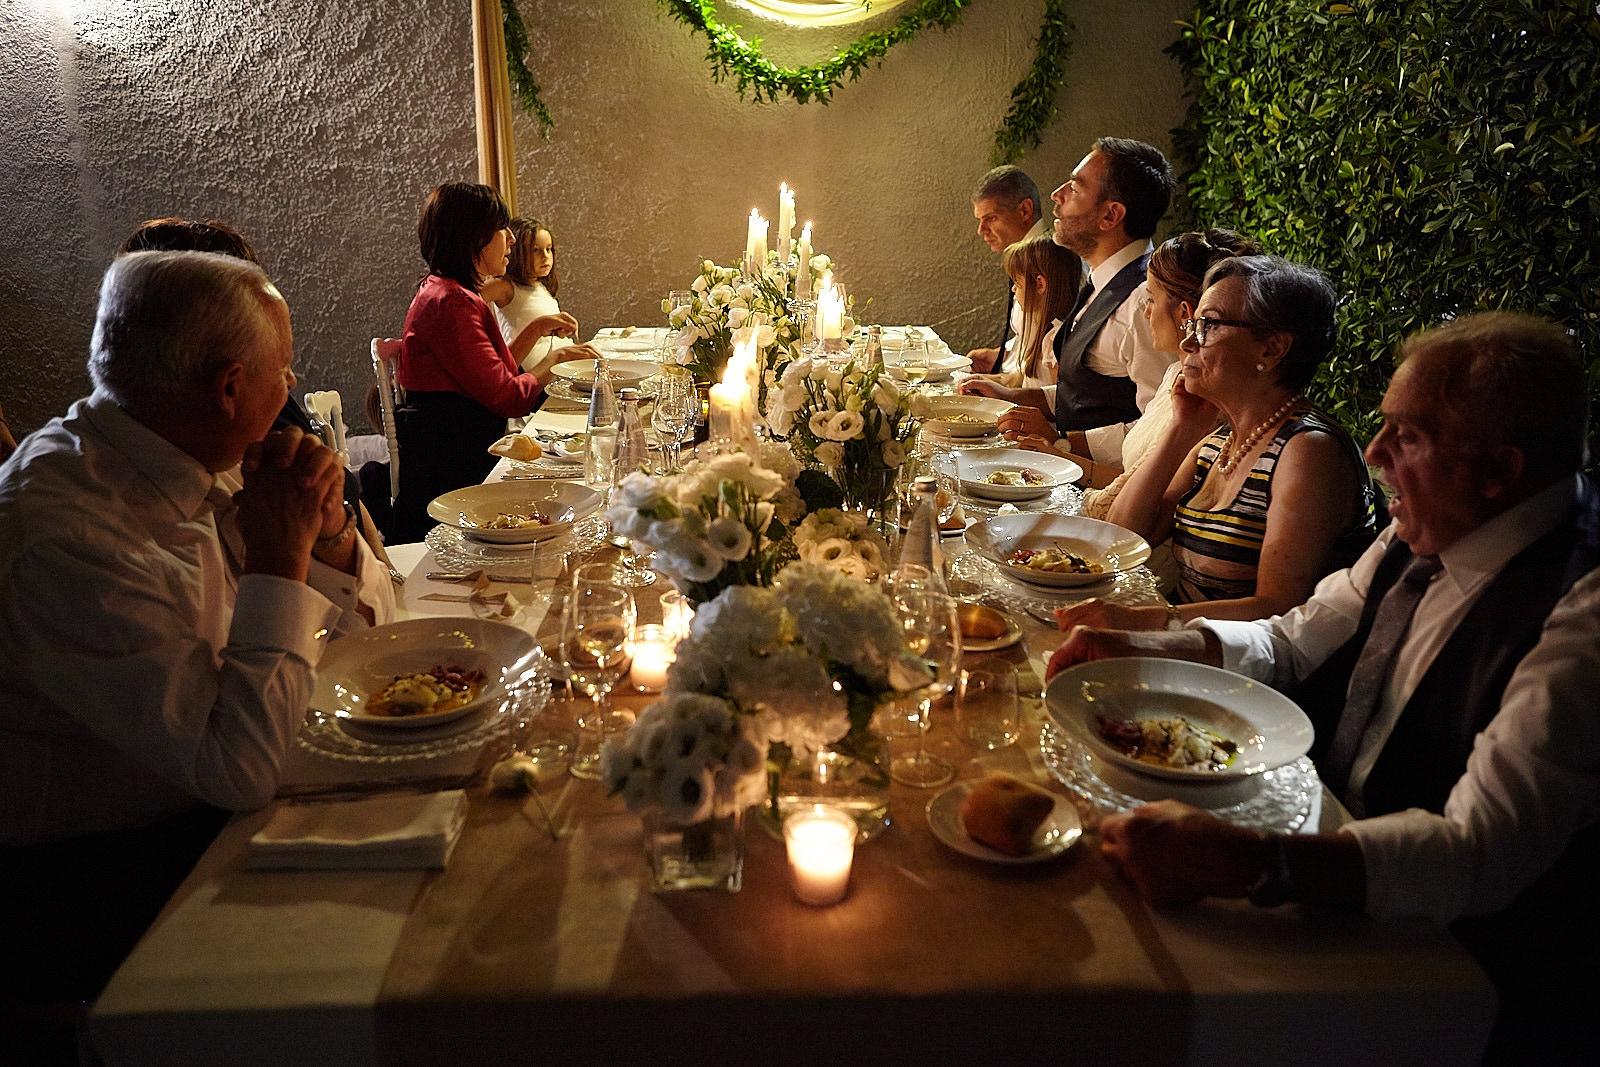 tavola invitati candele fiori intimo lusso matrimonio stile